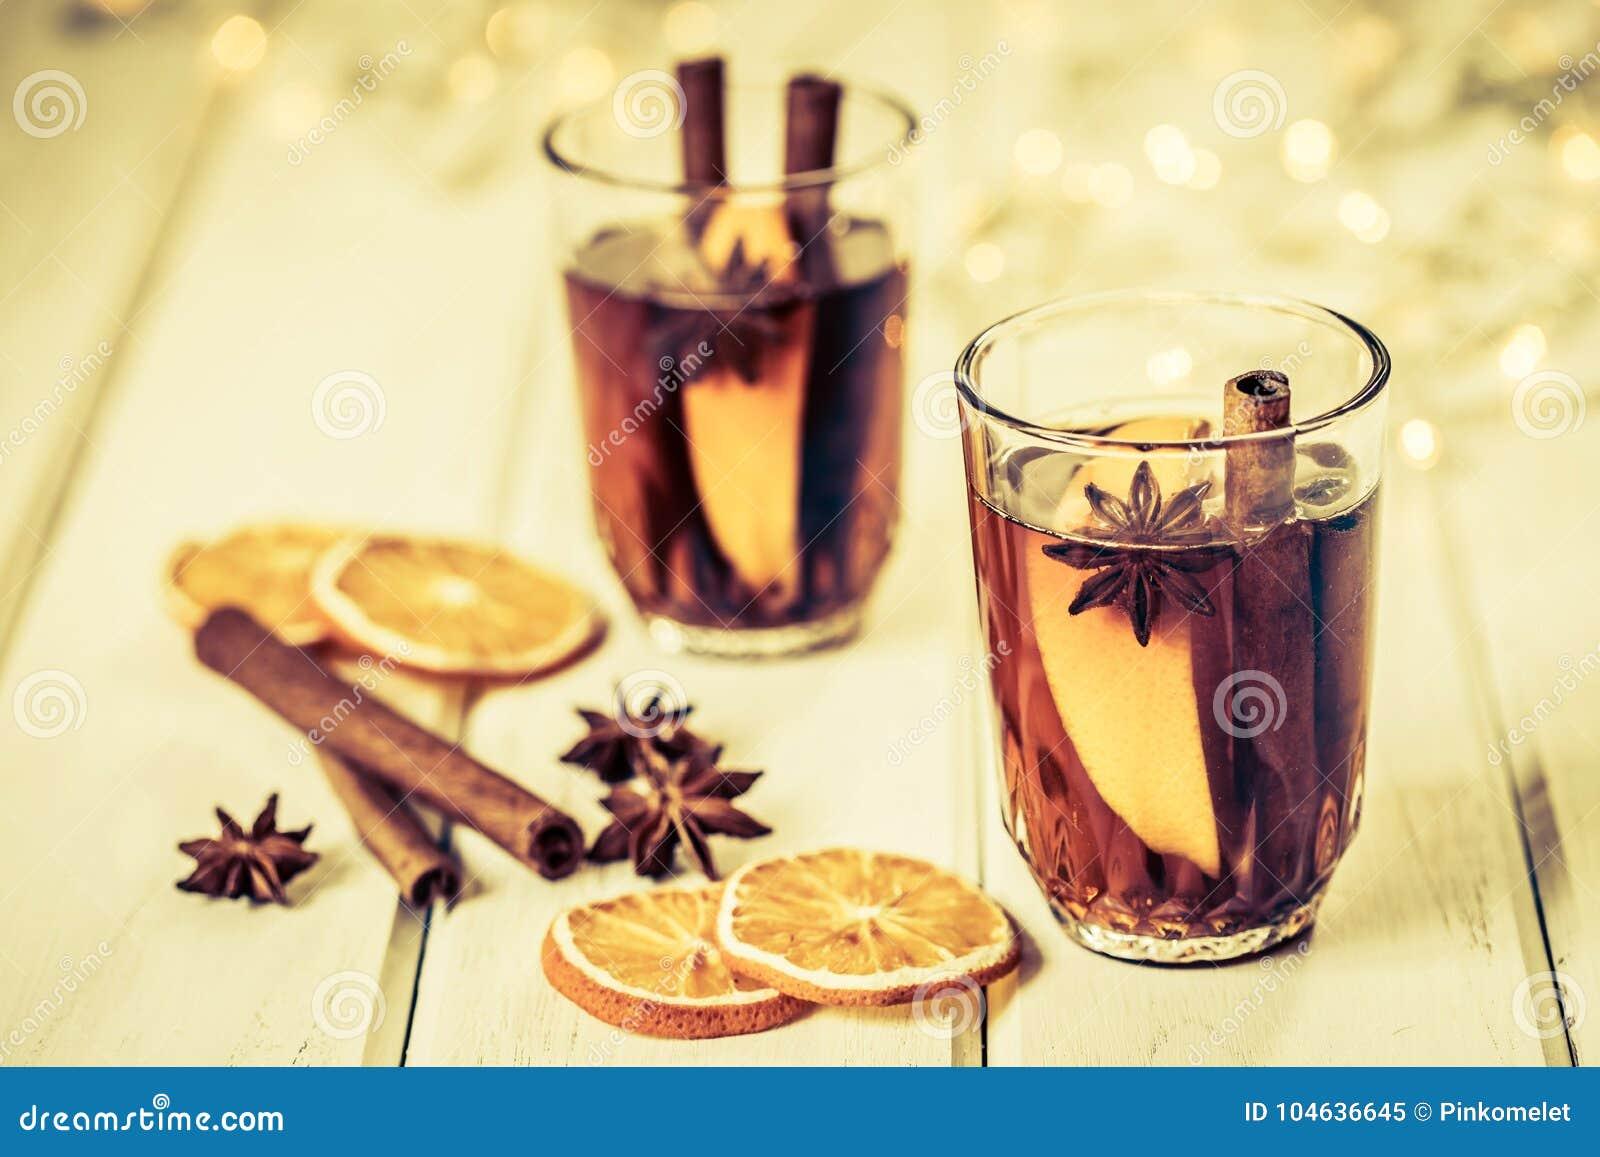 Download De Overwogen Wijn In Nachtviering Van Nieuwjaarpartij En Delicatessenwinkel Stock Afbeelding - Afbeelding bestaande uit kaneel, anise: 104636645